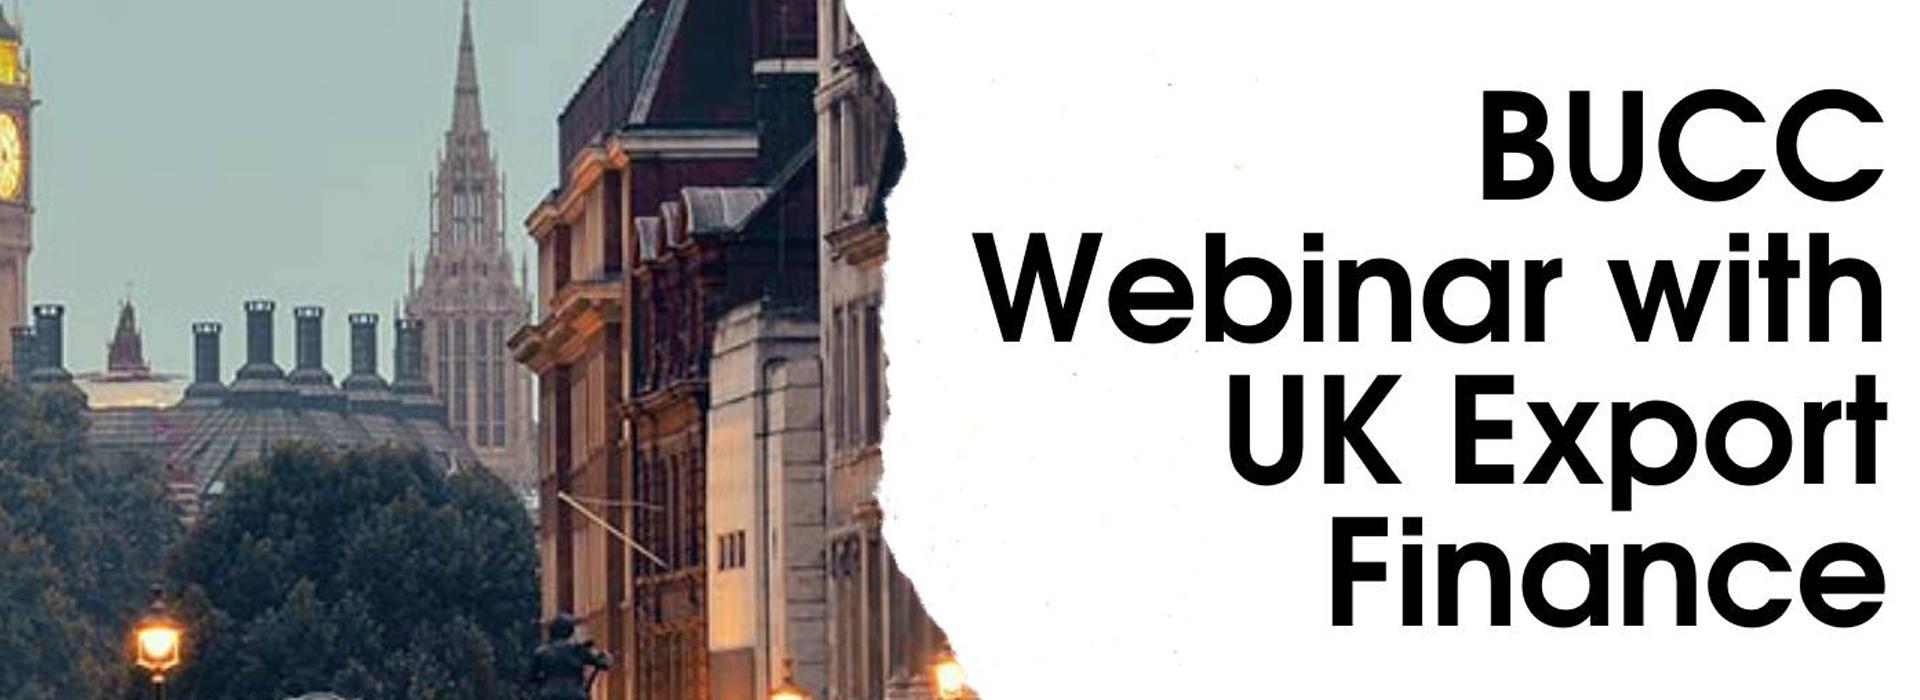 BUCC Webinar with UK Export Finance